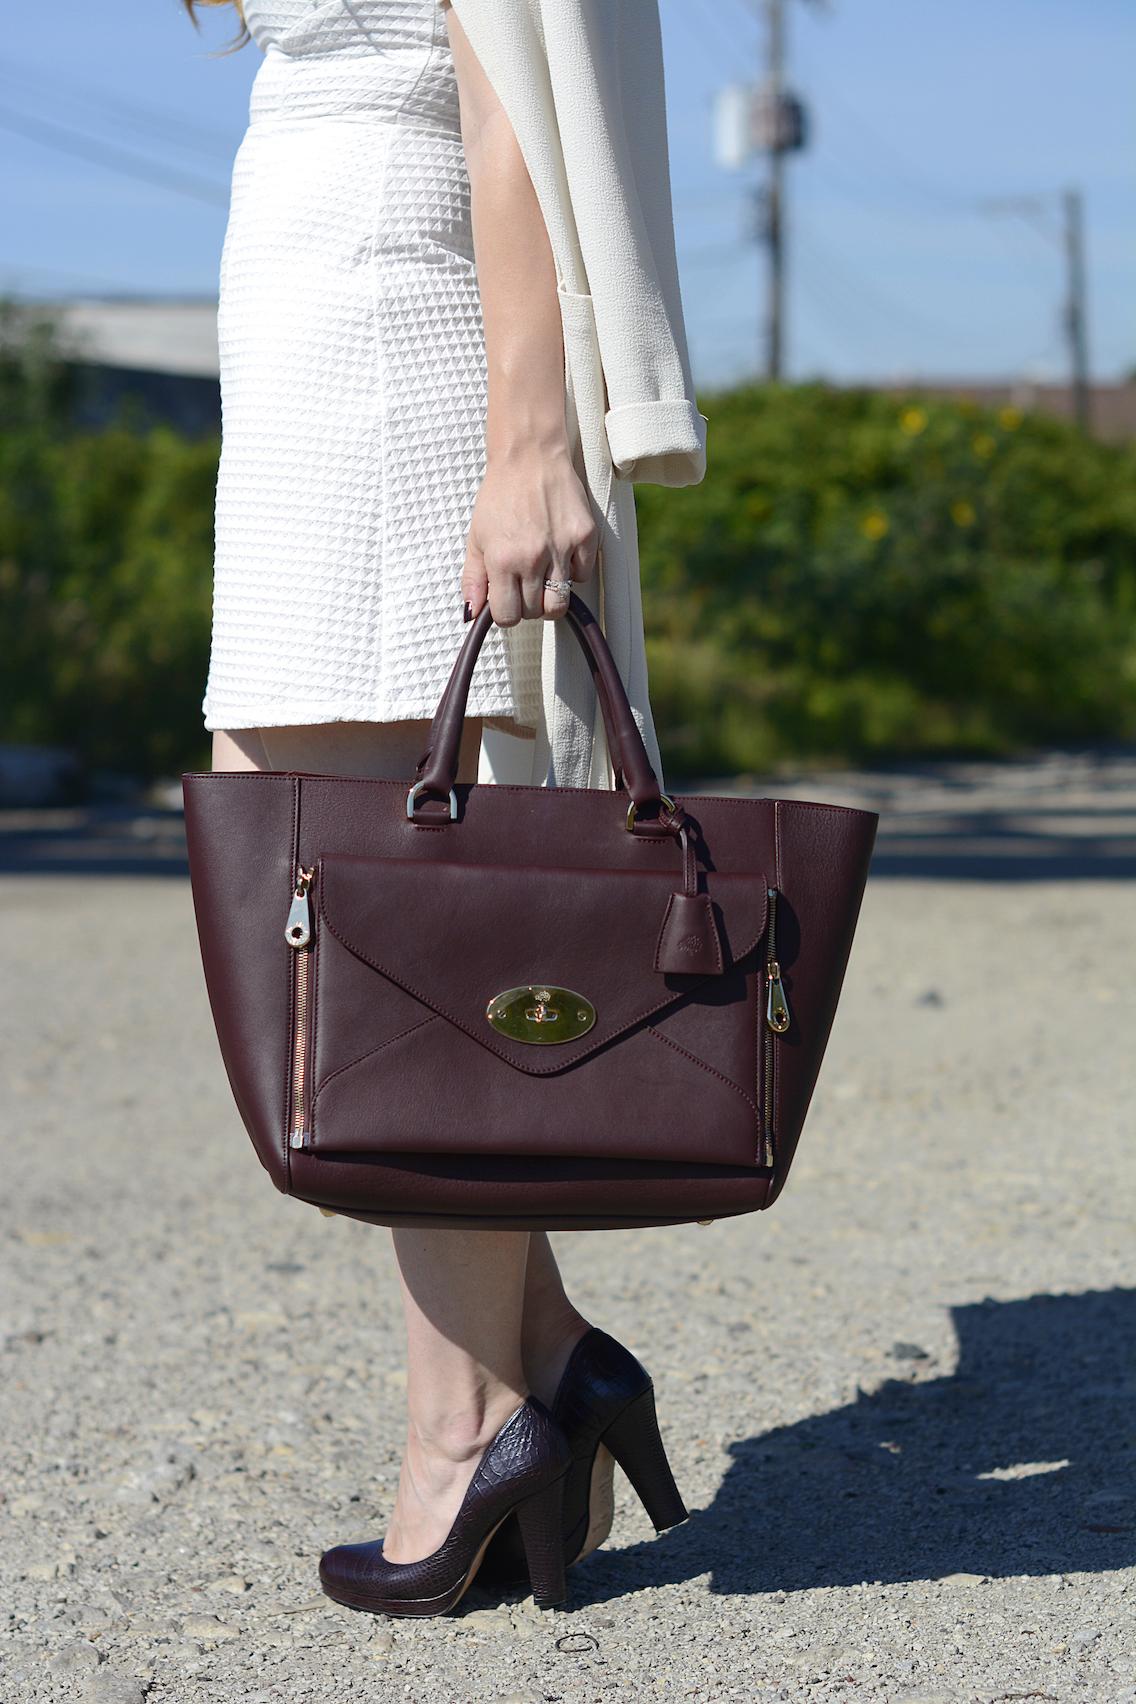 Asos H&M Mulberry LK Bennett Chanel 3